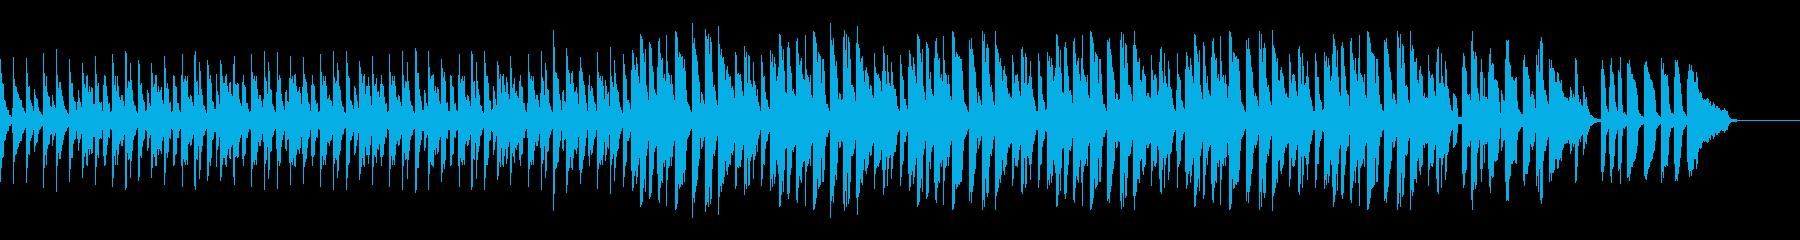 スローテンポドラム、ベース抜きの再生済みの波形